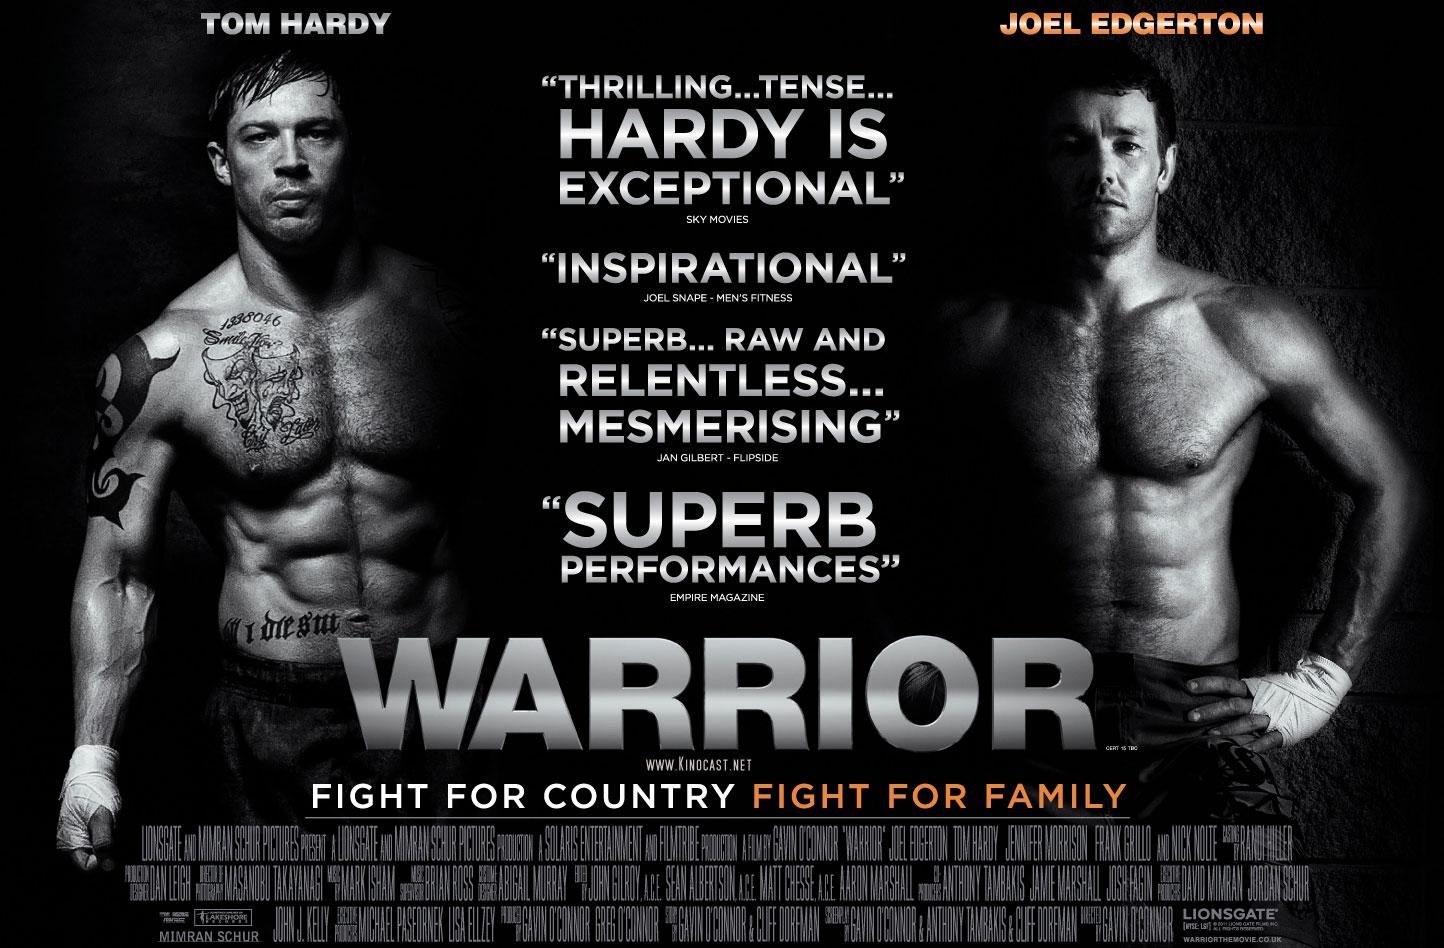 warrior movie